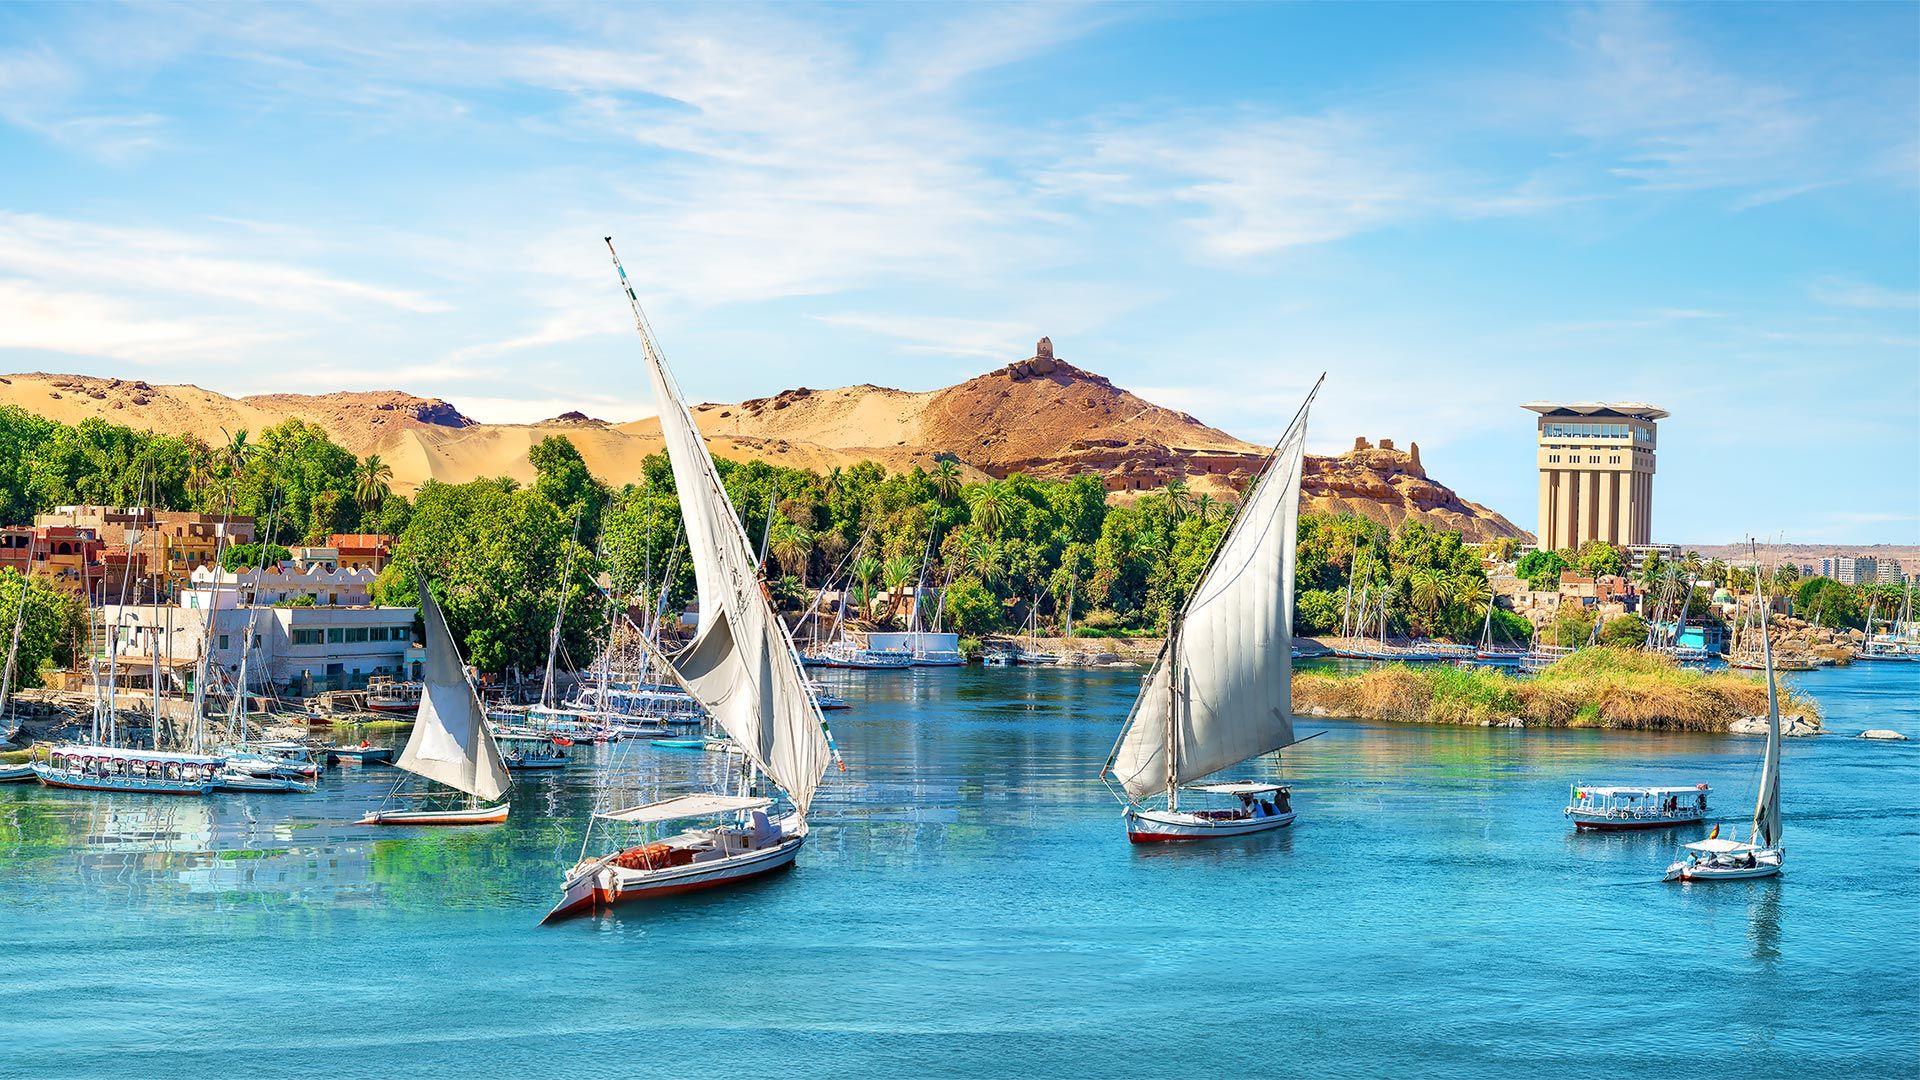 Circuit de grup - Discover Cairo & Croaziera pe Nil, 11 zile